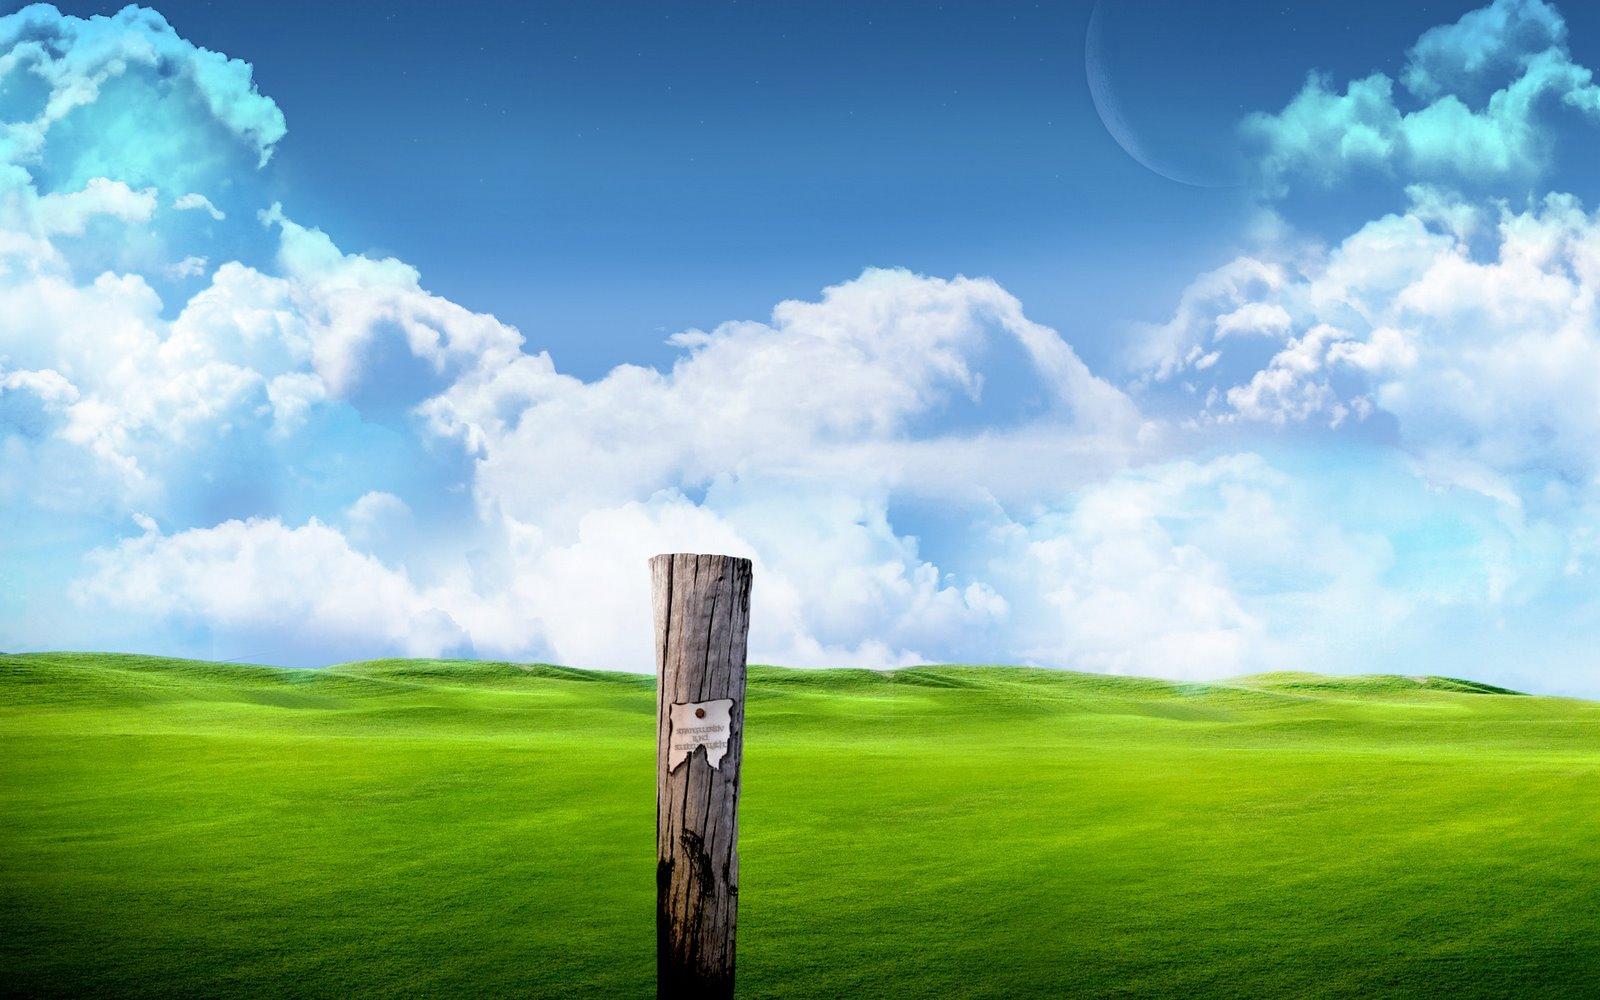 http://4.bp.blogspot.com/-h0SXGHR8ST8/UPU1hNbft_I/AAAAAAAAAYs/8W8xNr06s-4/s1600/3D+Nature+Wallpaper+(1).jpg